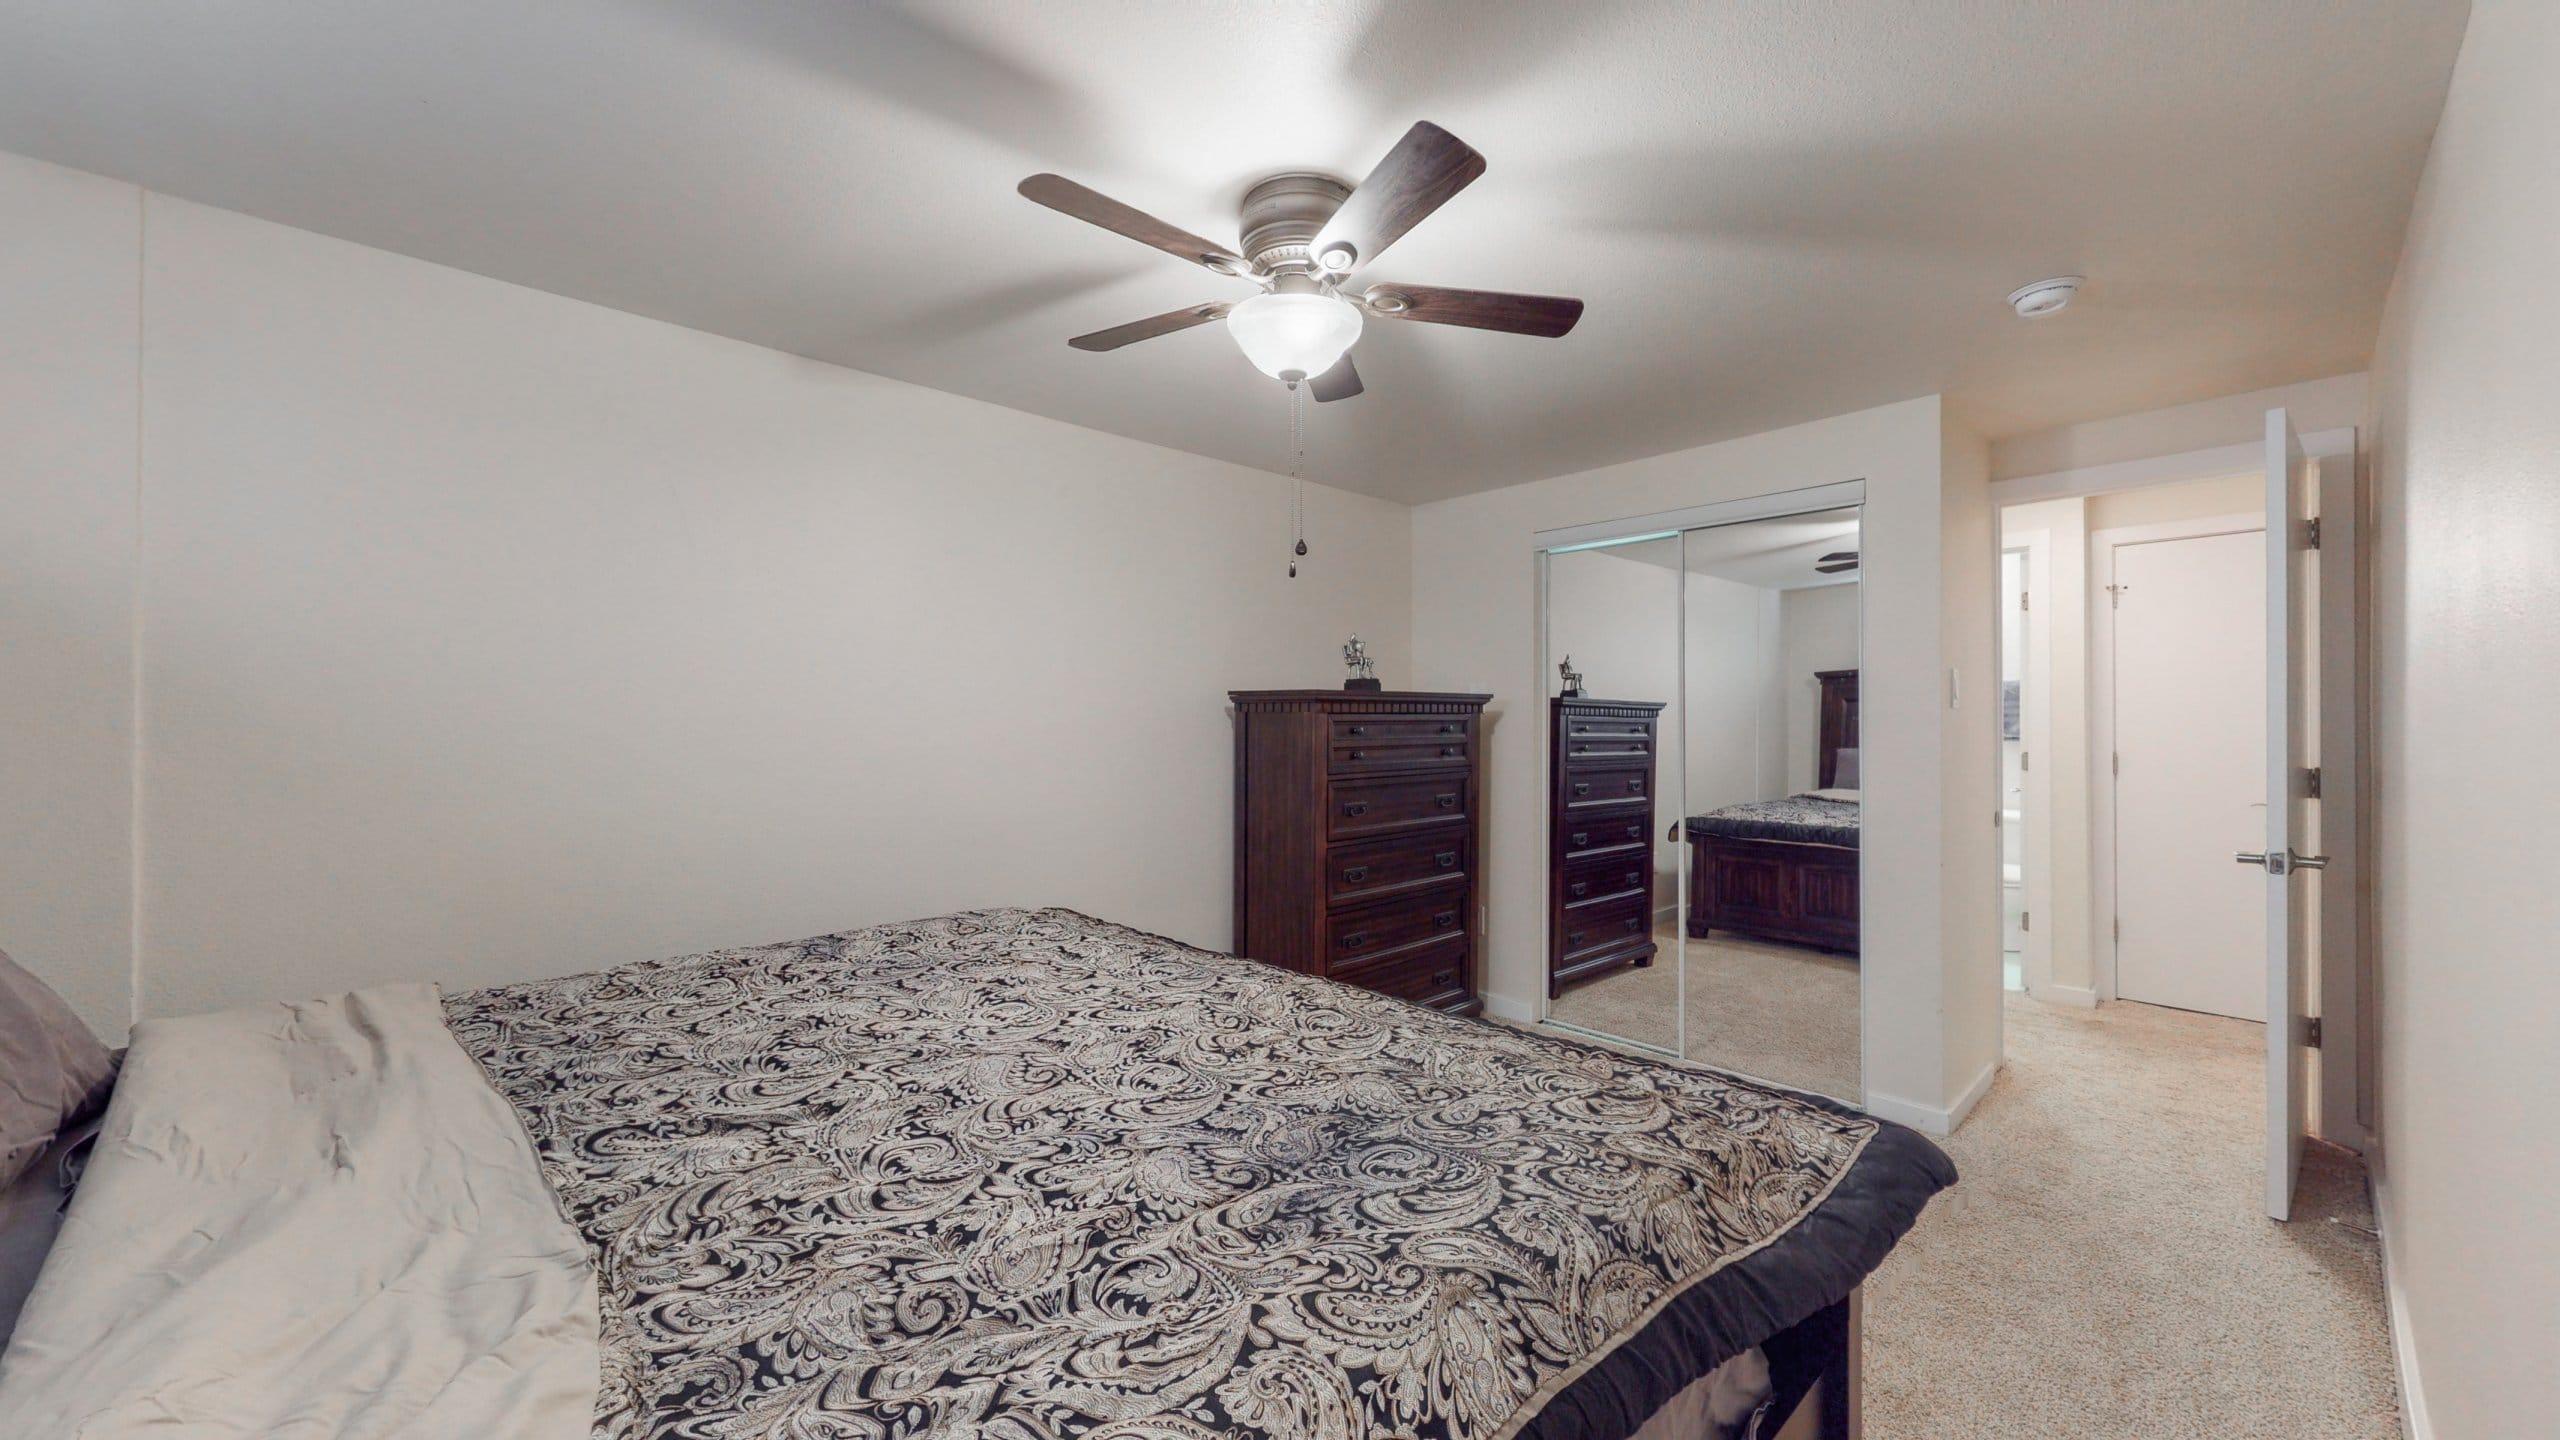 Congress Park Condo For Sale Master Bedroom